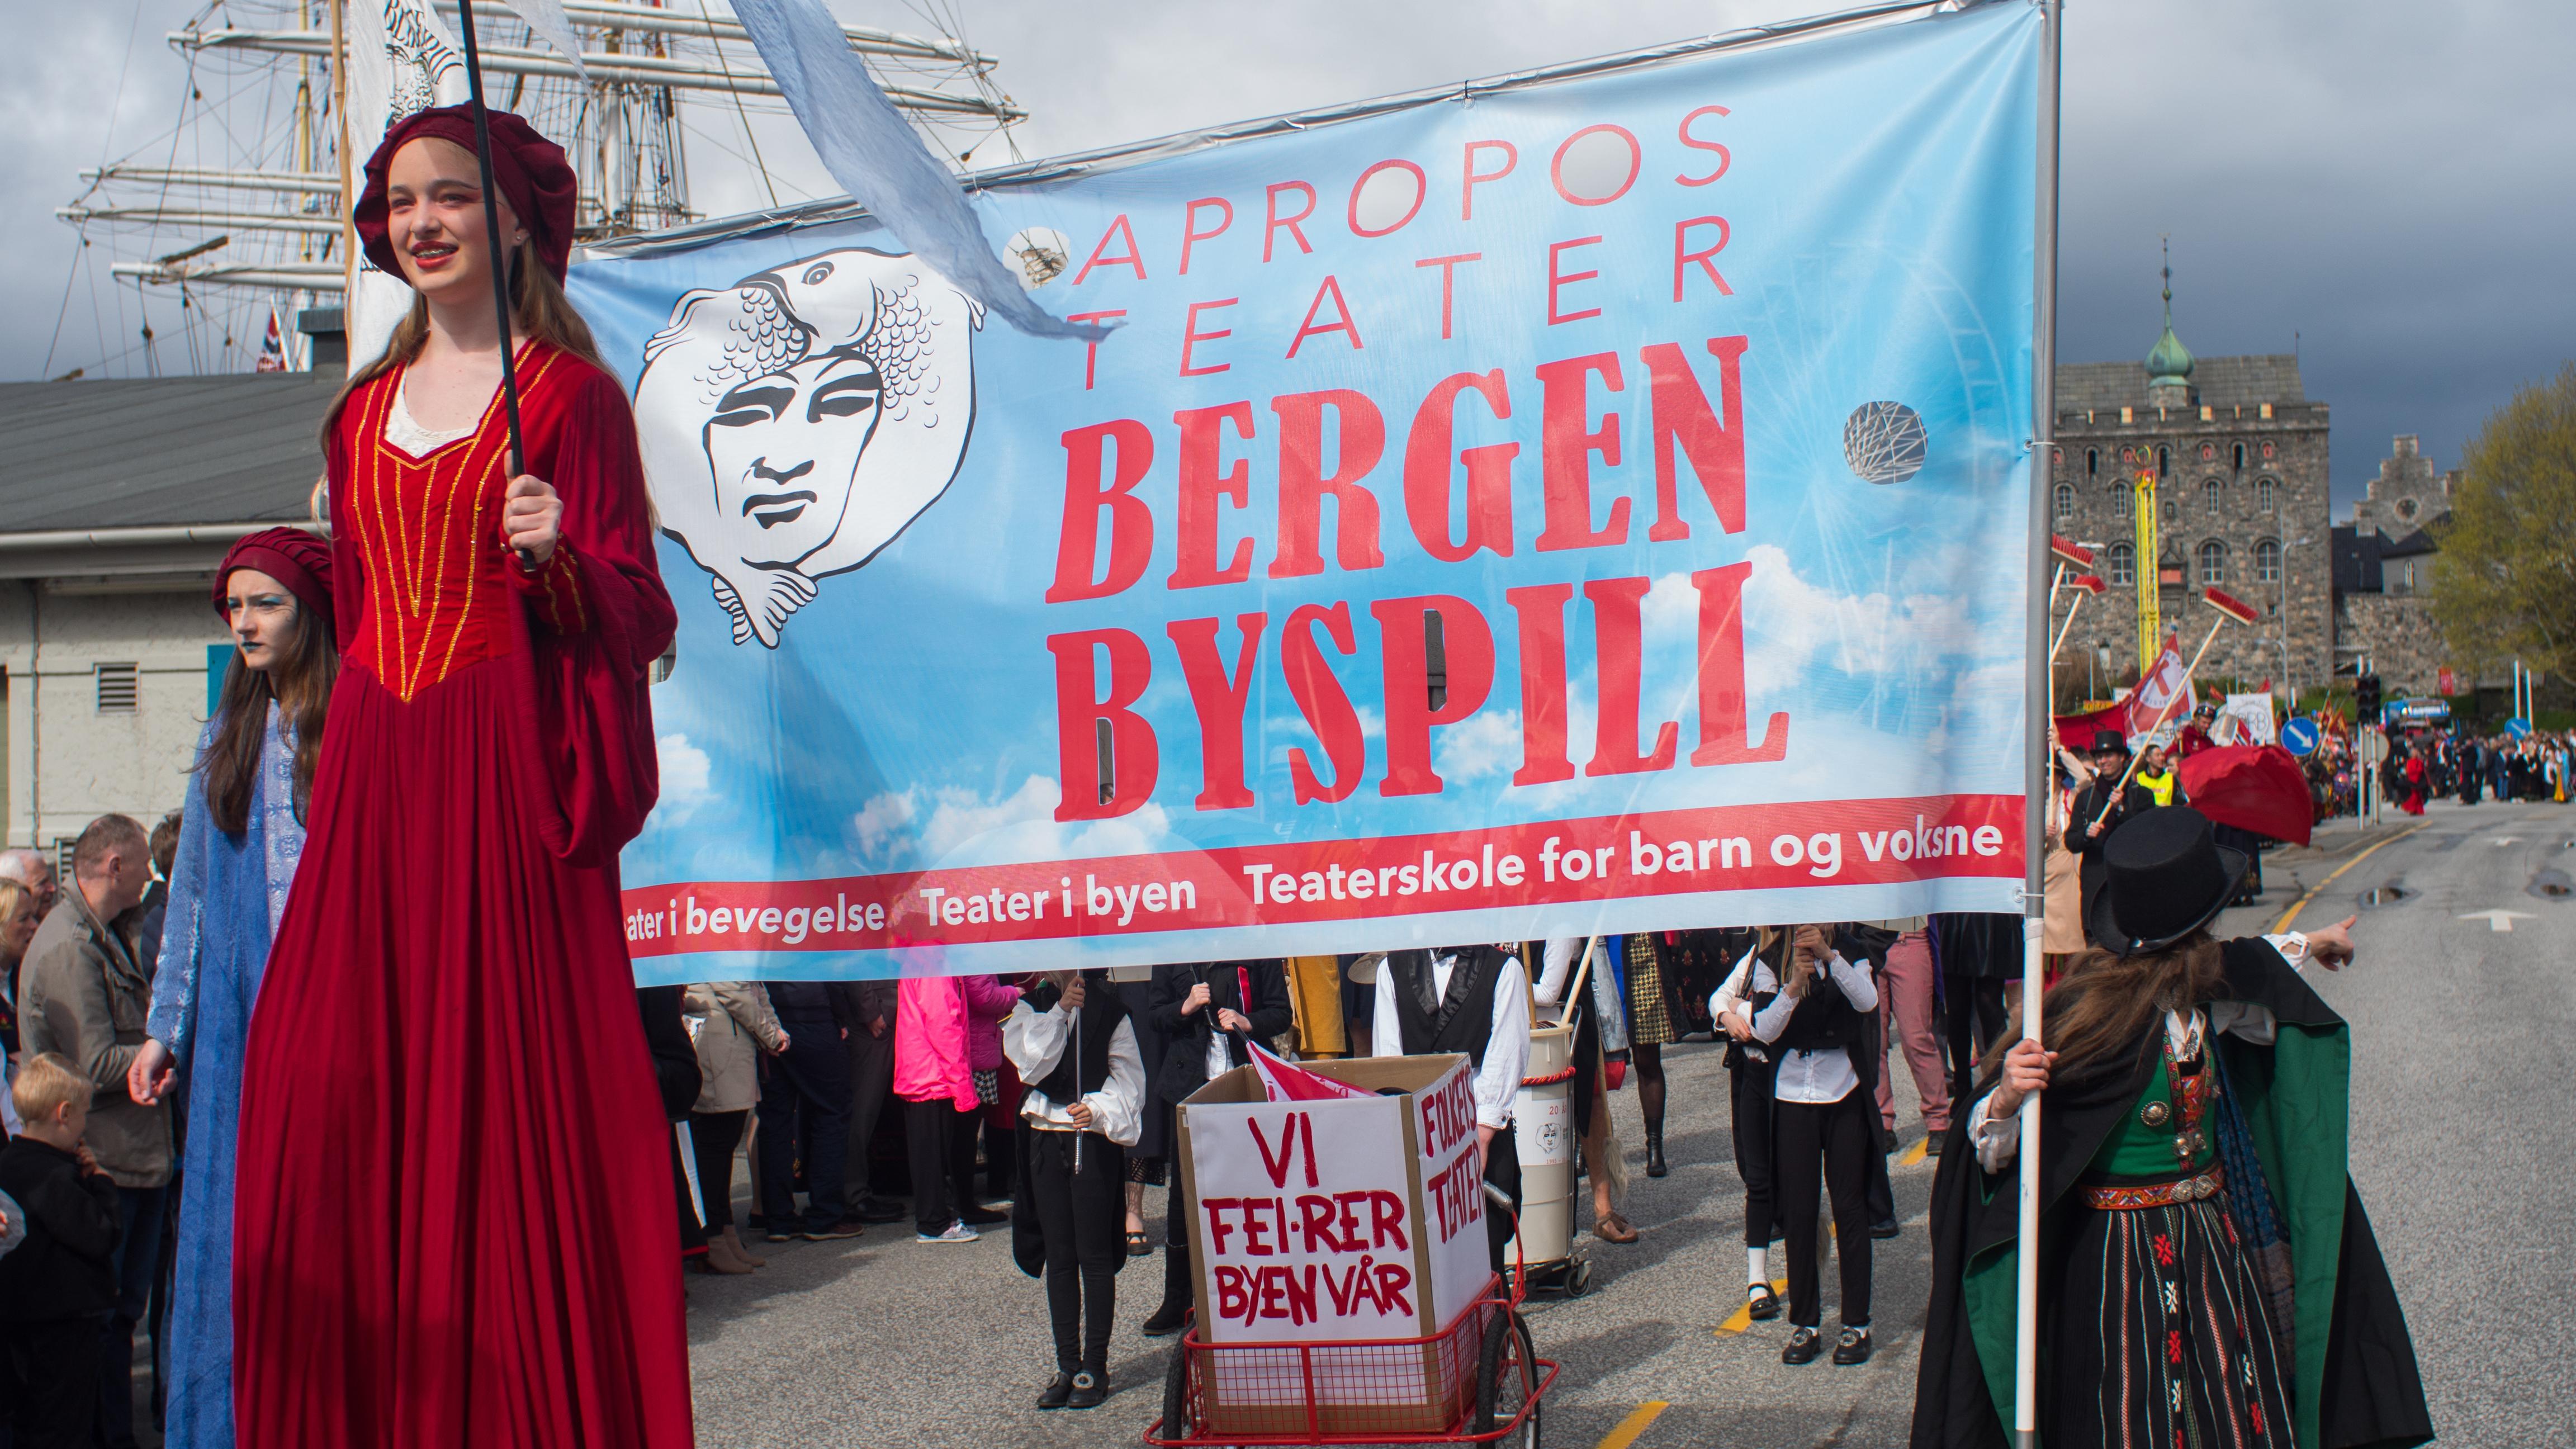 BergenByspill_17Mai_2016 (22 of 90)